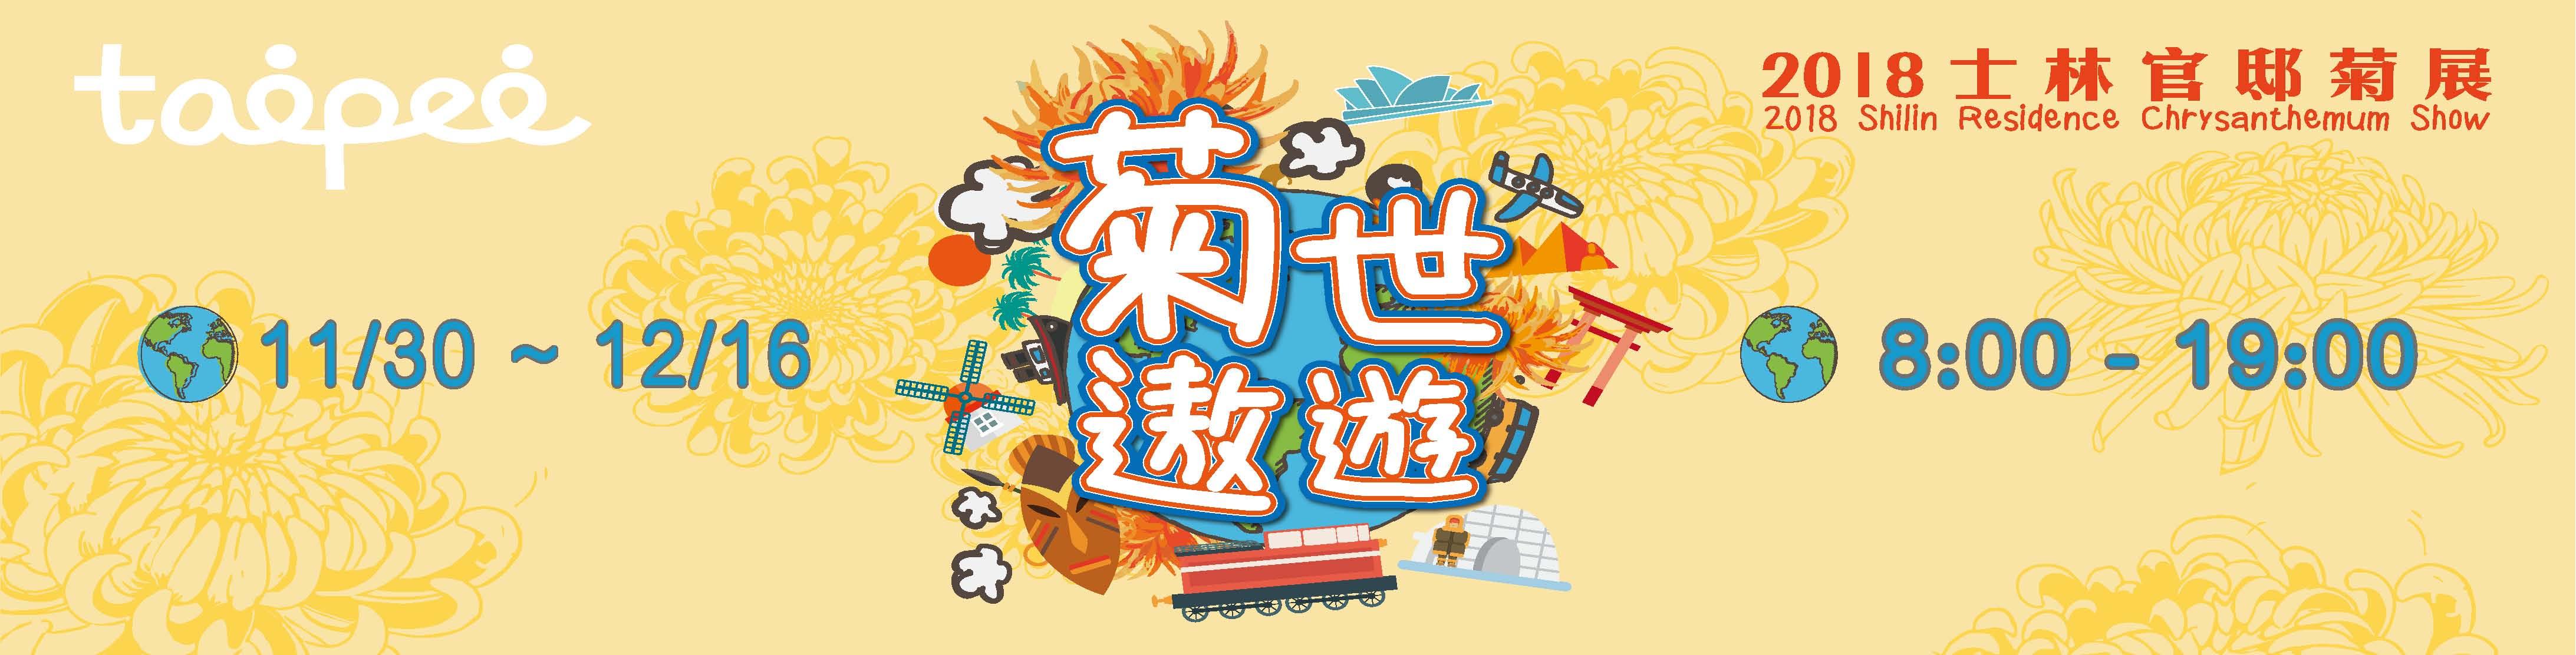 2018士林官邸菊展活動宣傳[開啟新連結]